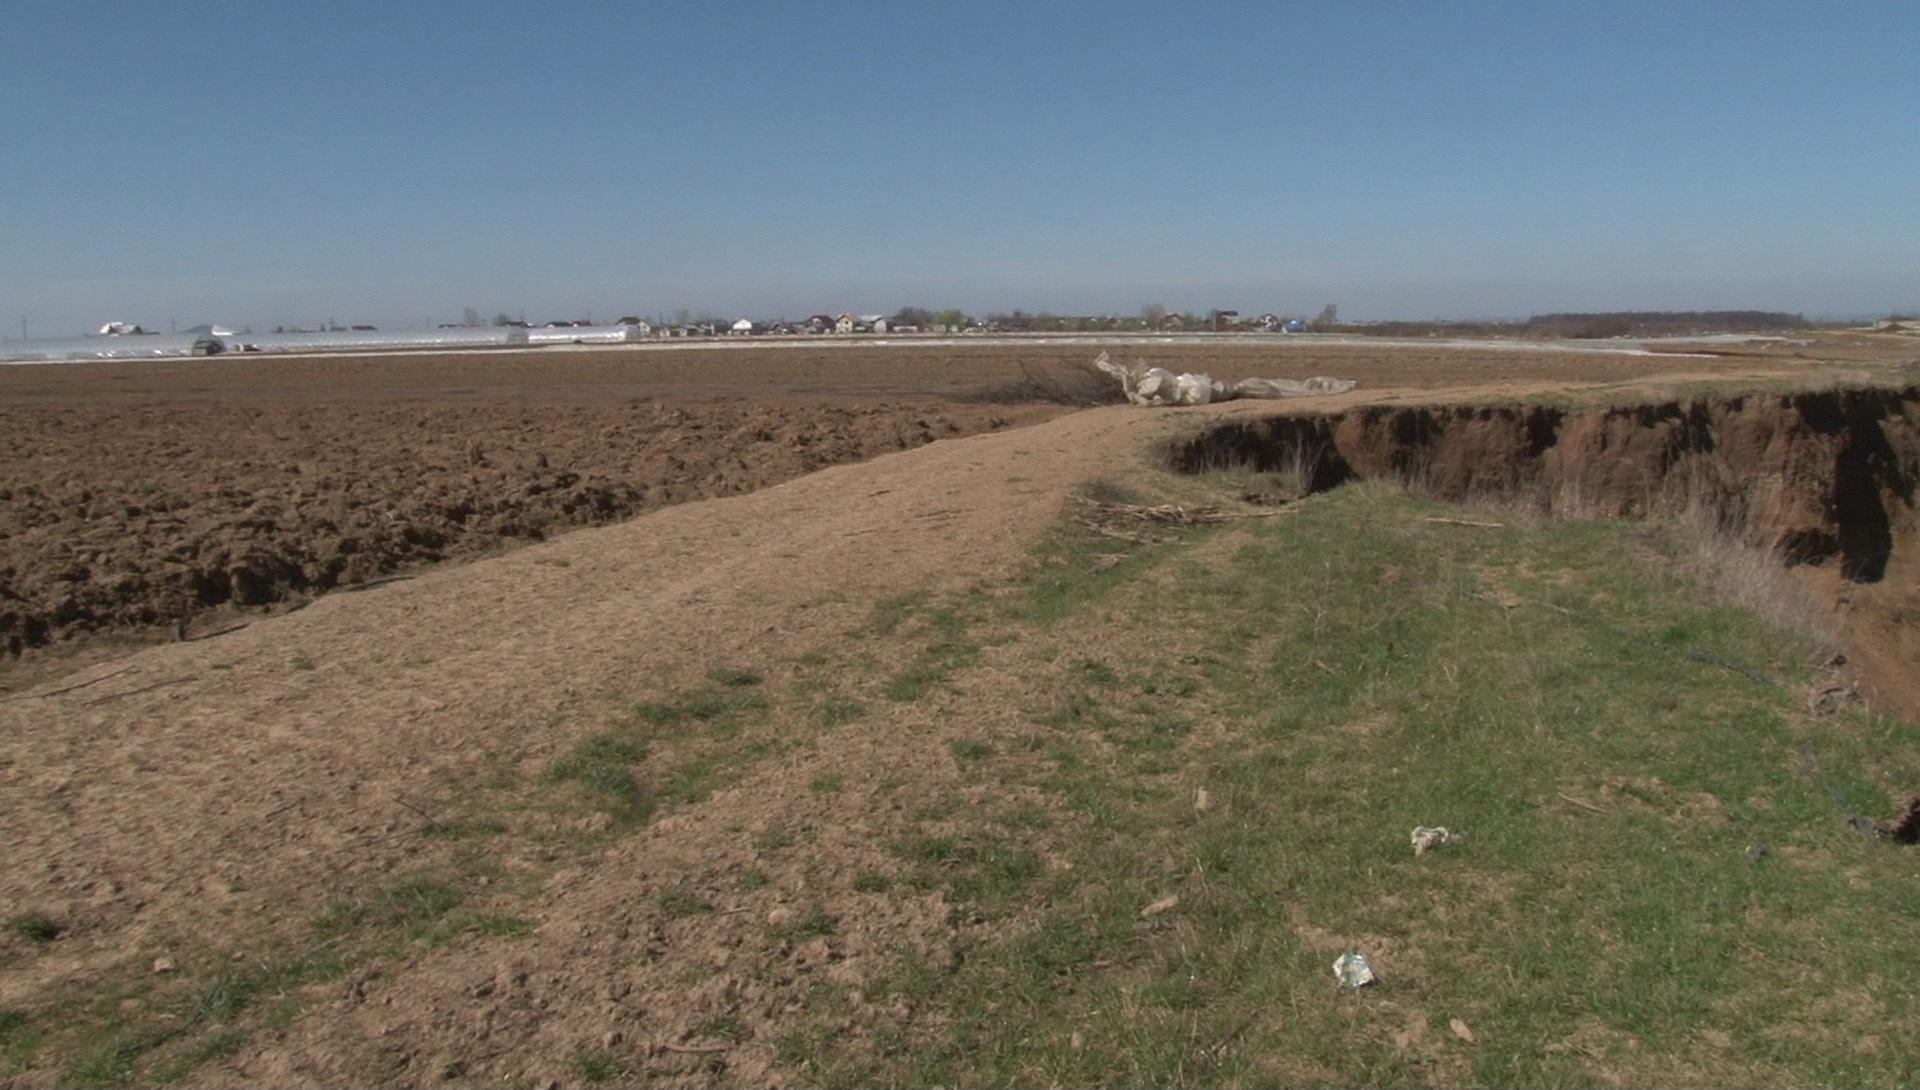 DRUMURILE DE EXPLOATAŢIE AGRICOLĂ VOR FI REABILITATE, BĂLENI, DÂMBOVIŢA